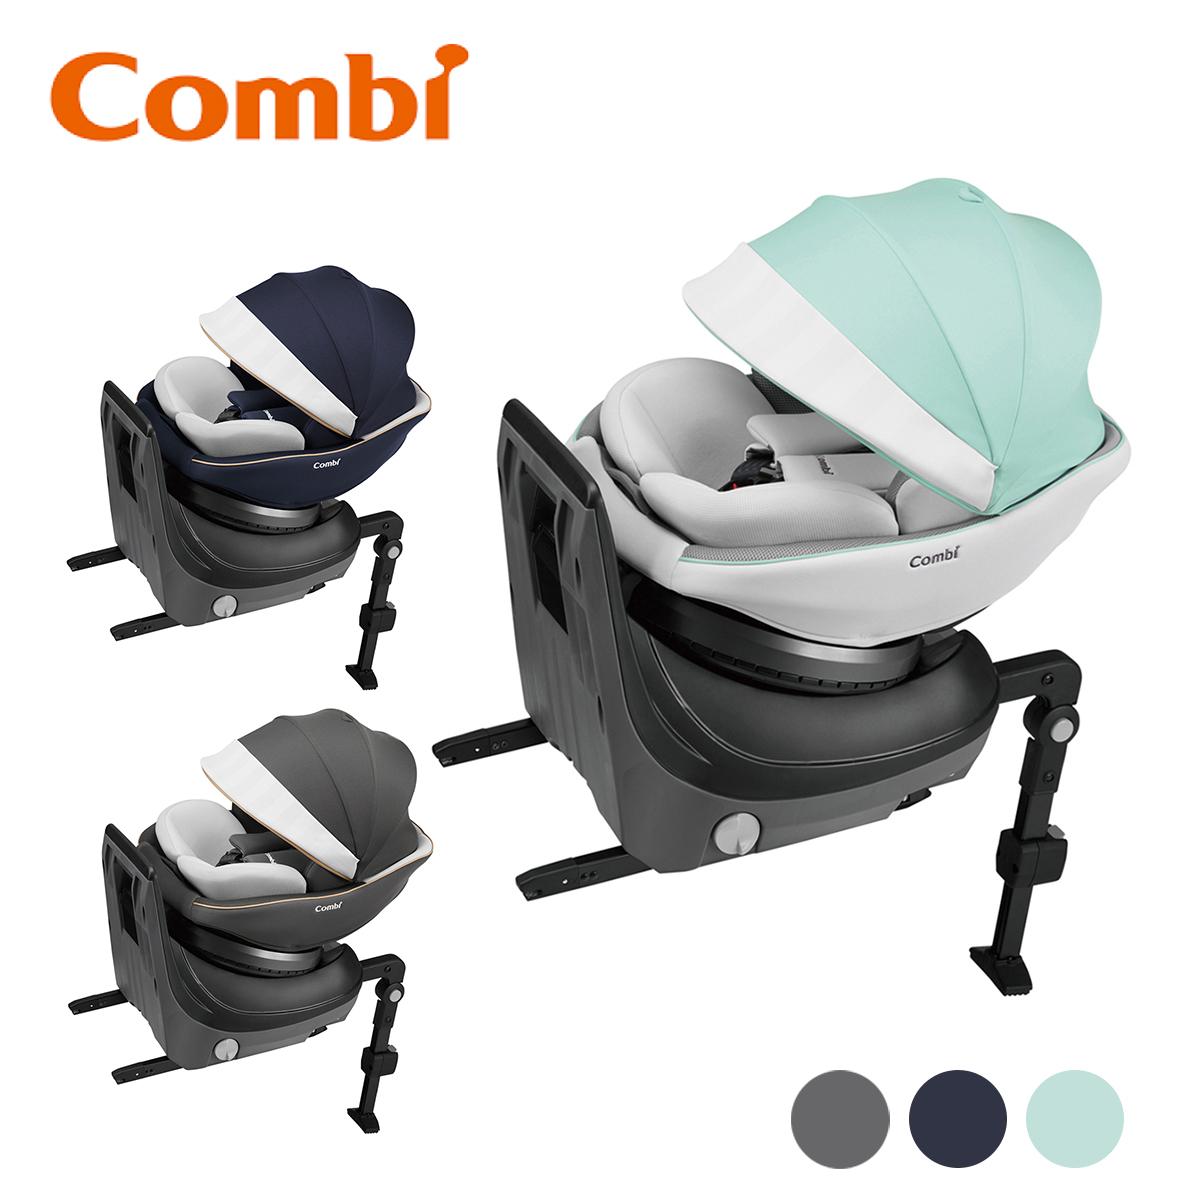 【ポイント10倍】クルムーヴ スマート ISOFIX エッグショック JL-590 | コンビ Combi チャイルドシート 新生児 新生児から